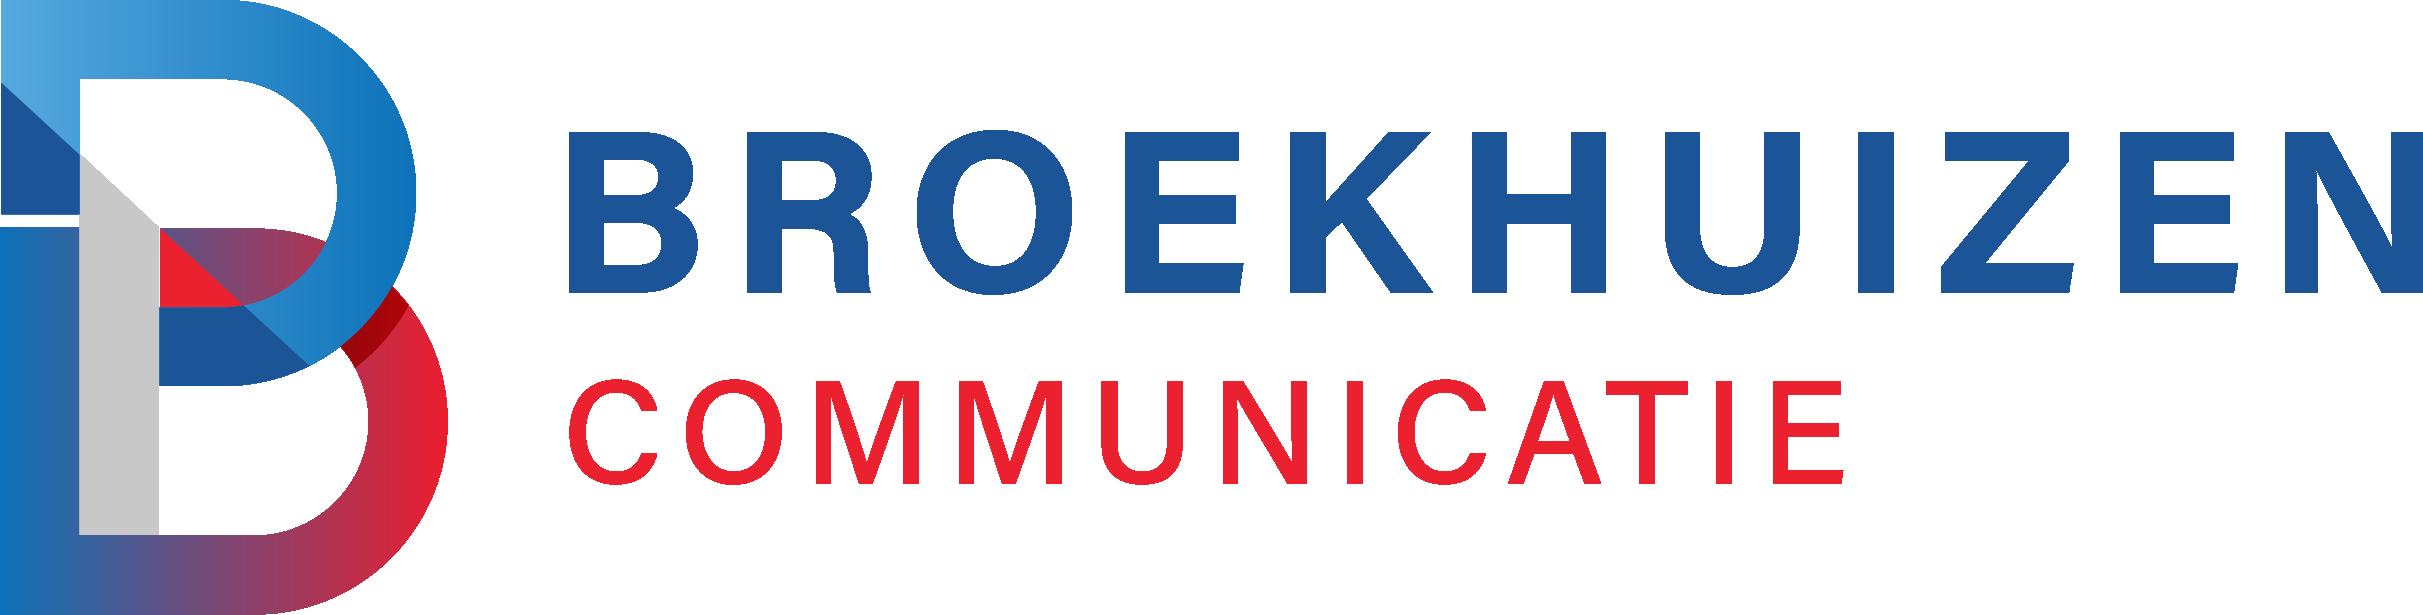 Broekhuizen Communicatie